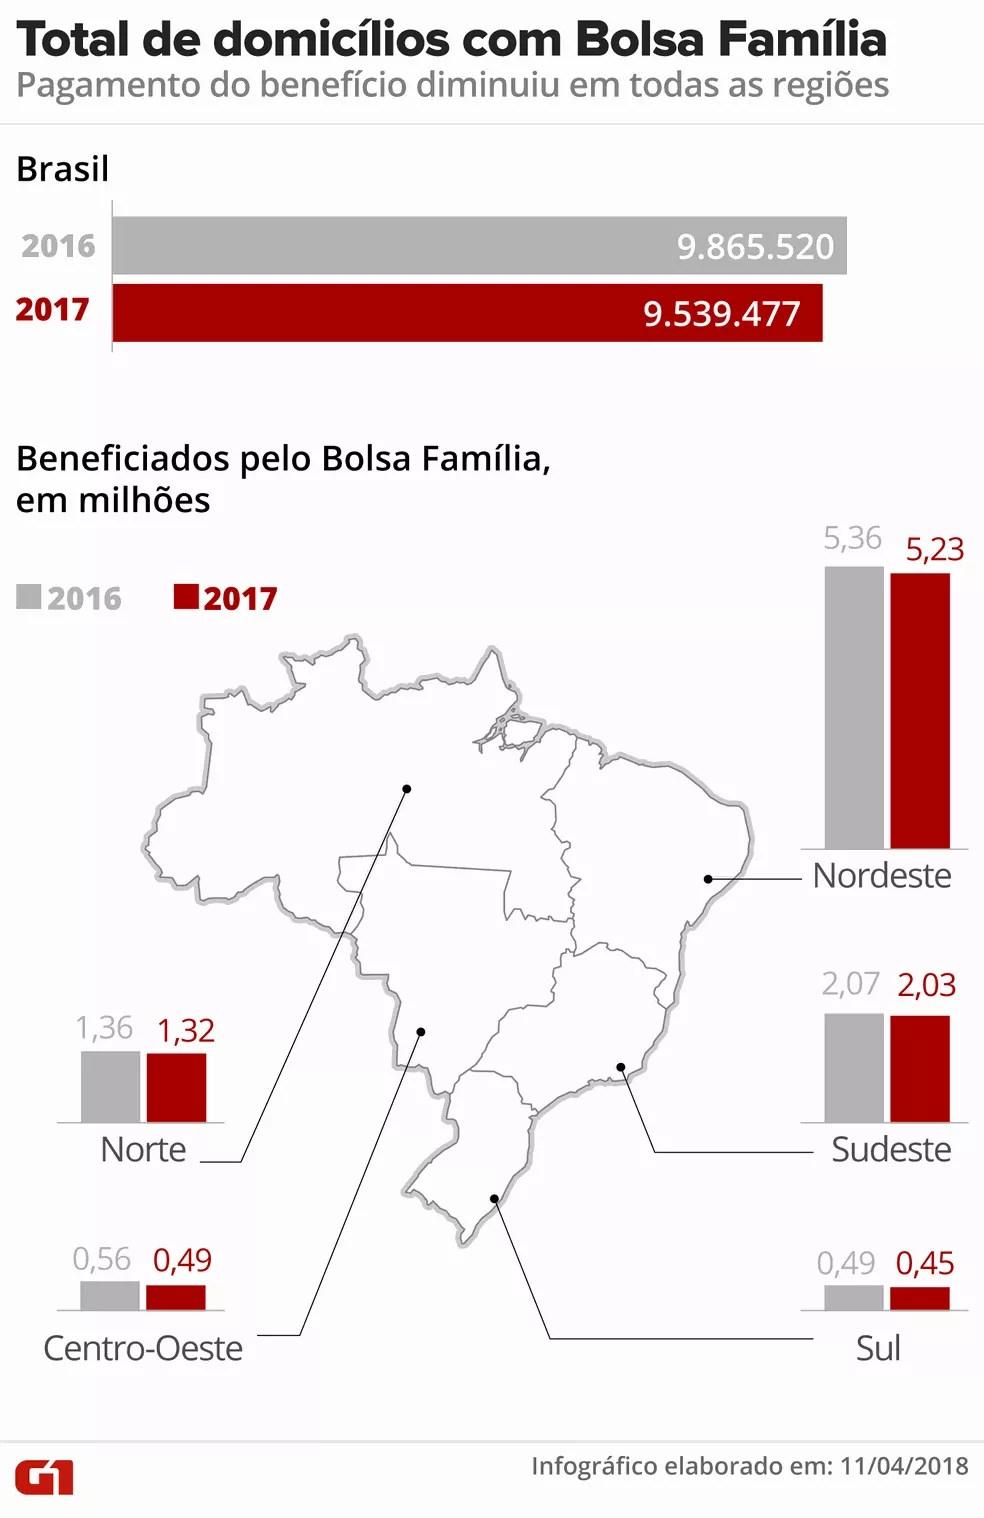 Total de municípios com bolsa família (Foto: Ilustração: Roberta Jaworski/G1)